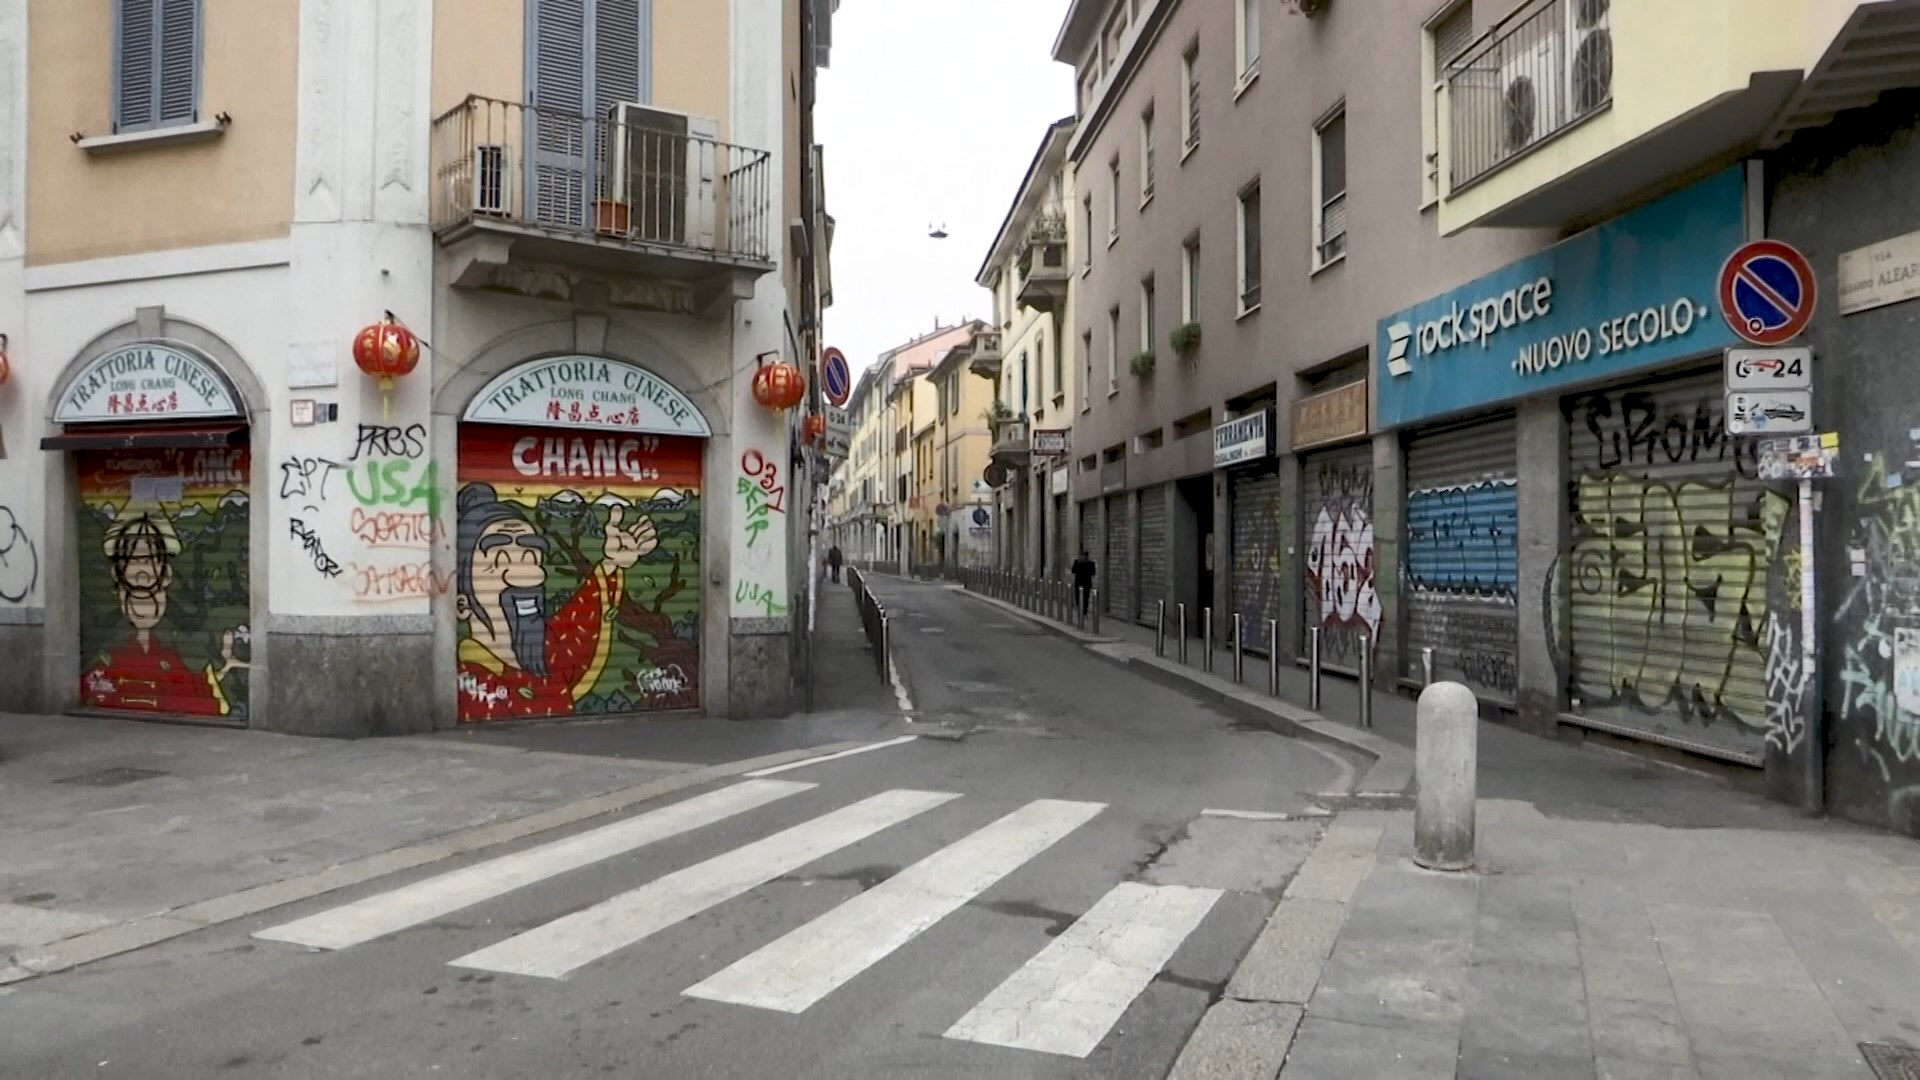 意大利確診個案增至逾320宗 有當地華人稱受歧視